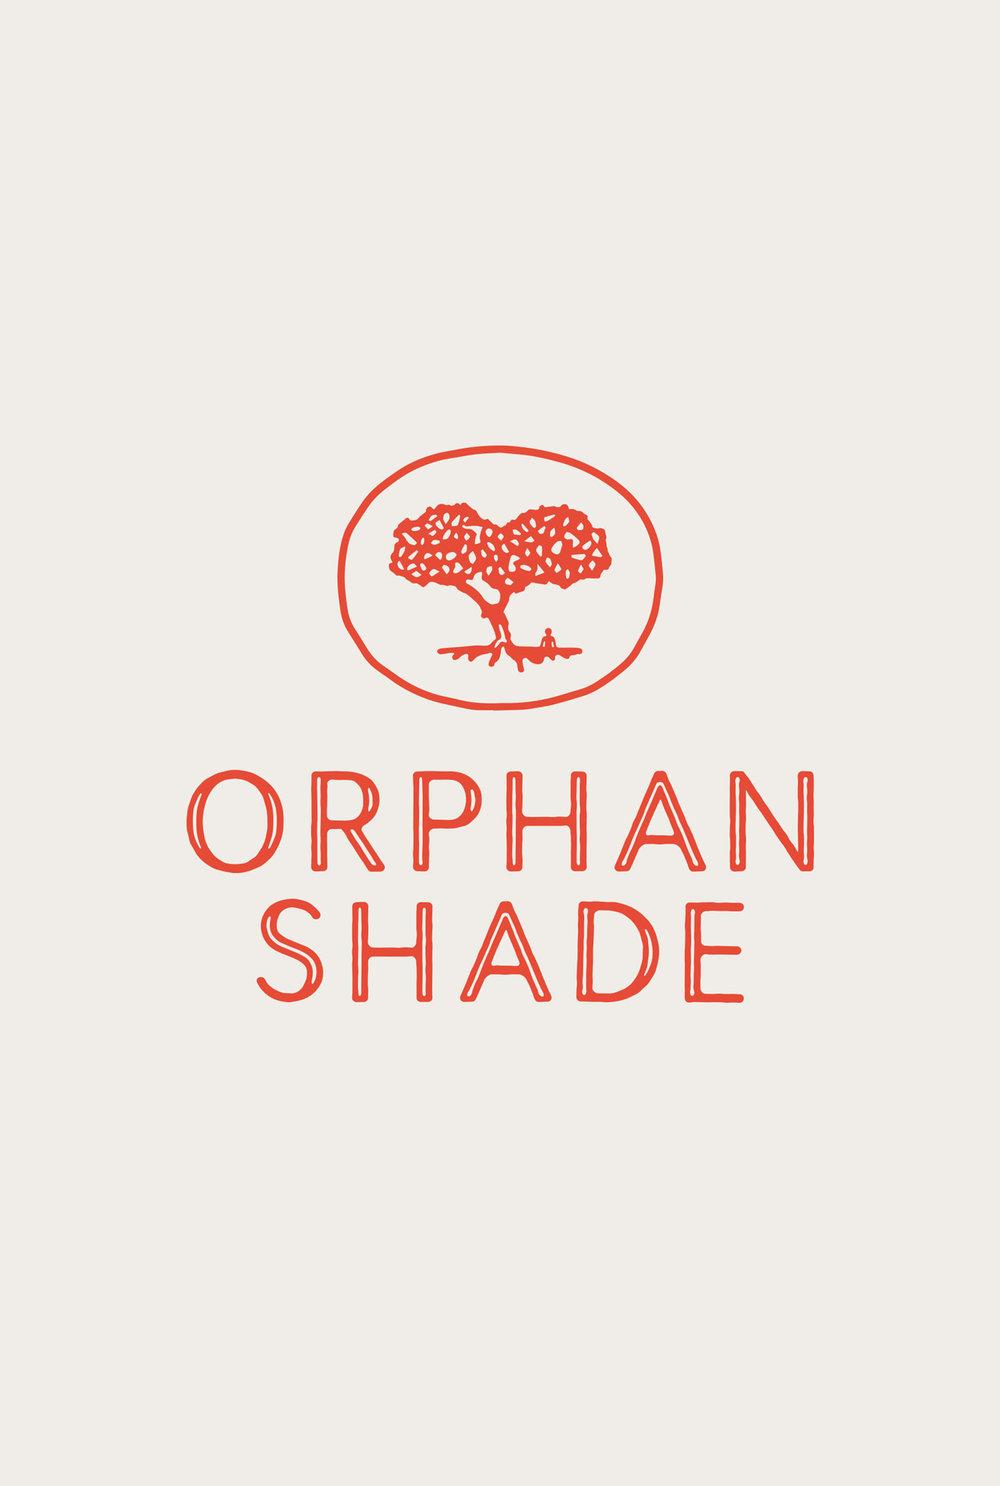 orphanshade-vert_stacked-identity.jpg